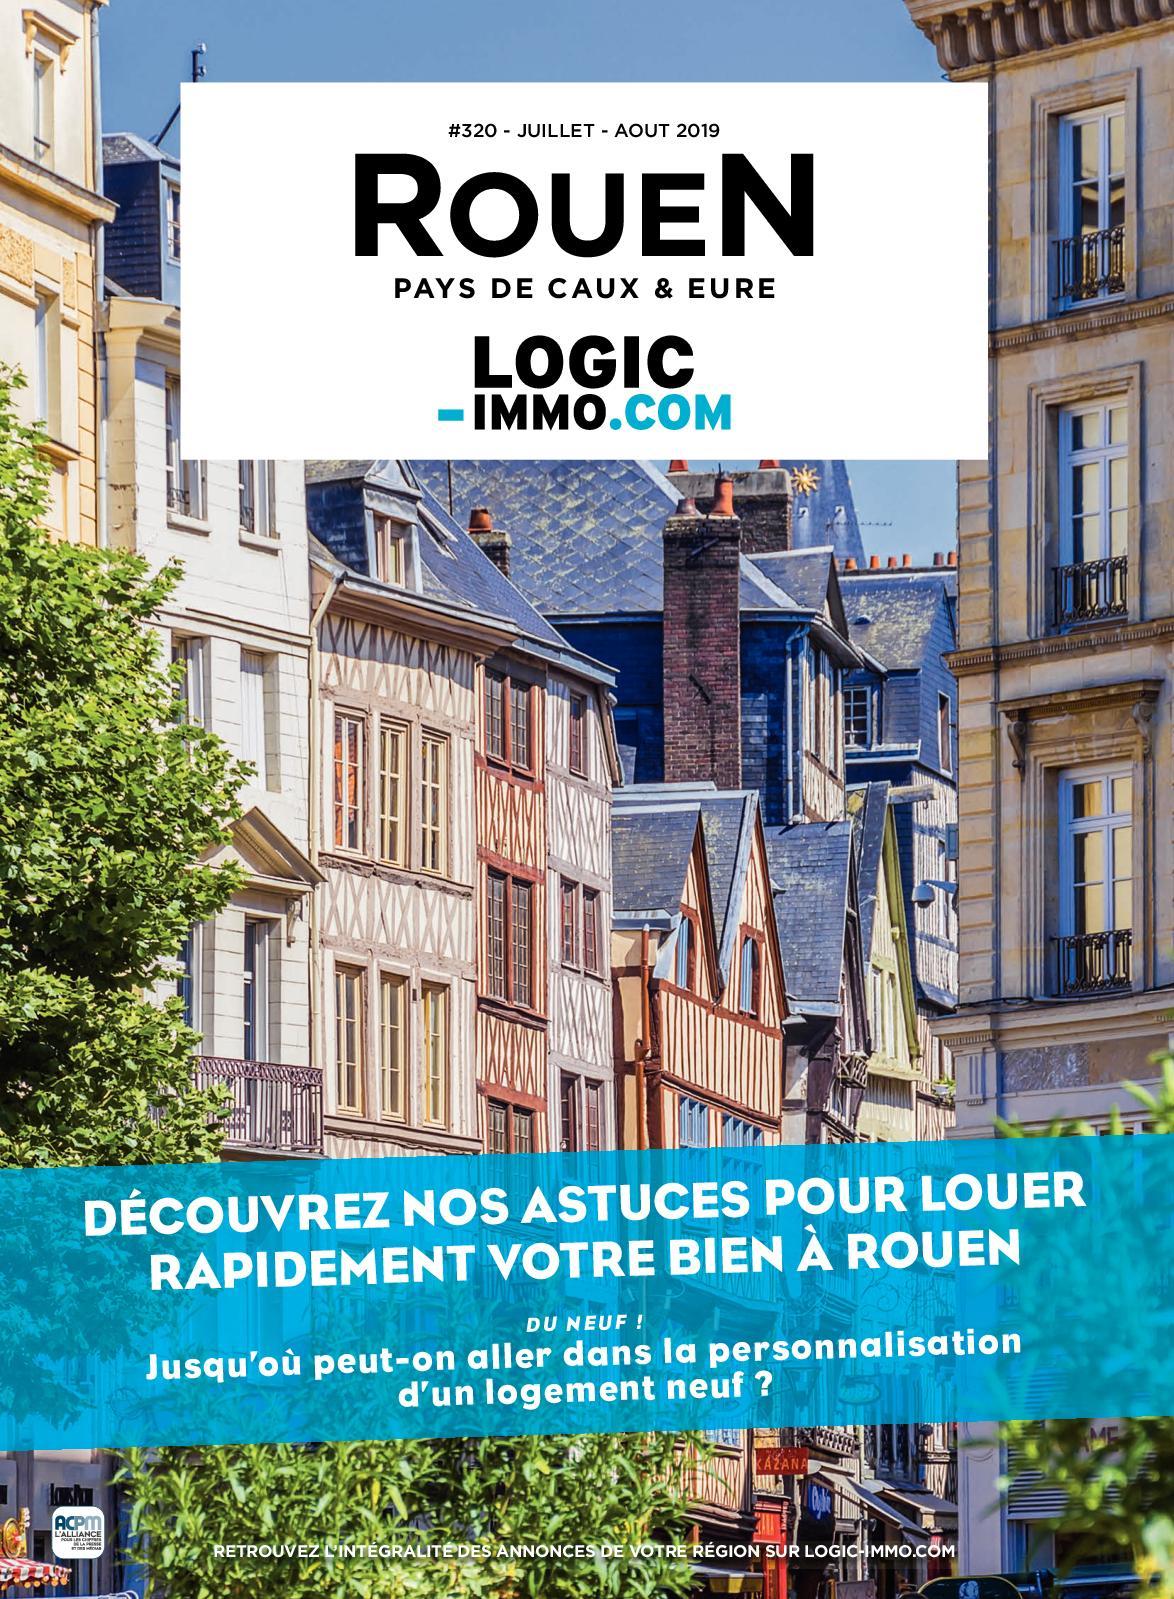 Calaméo - Logic Immo Rouen Pays De Caux & Eure #320 concernant Piscine Pavilly